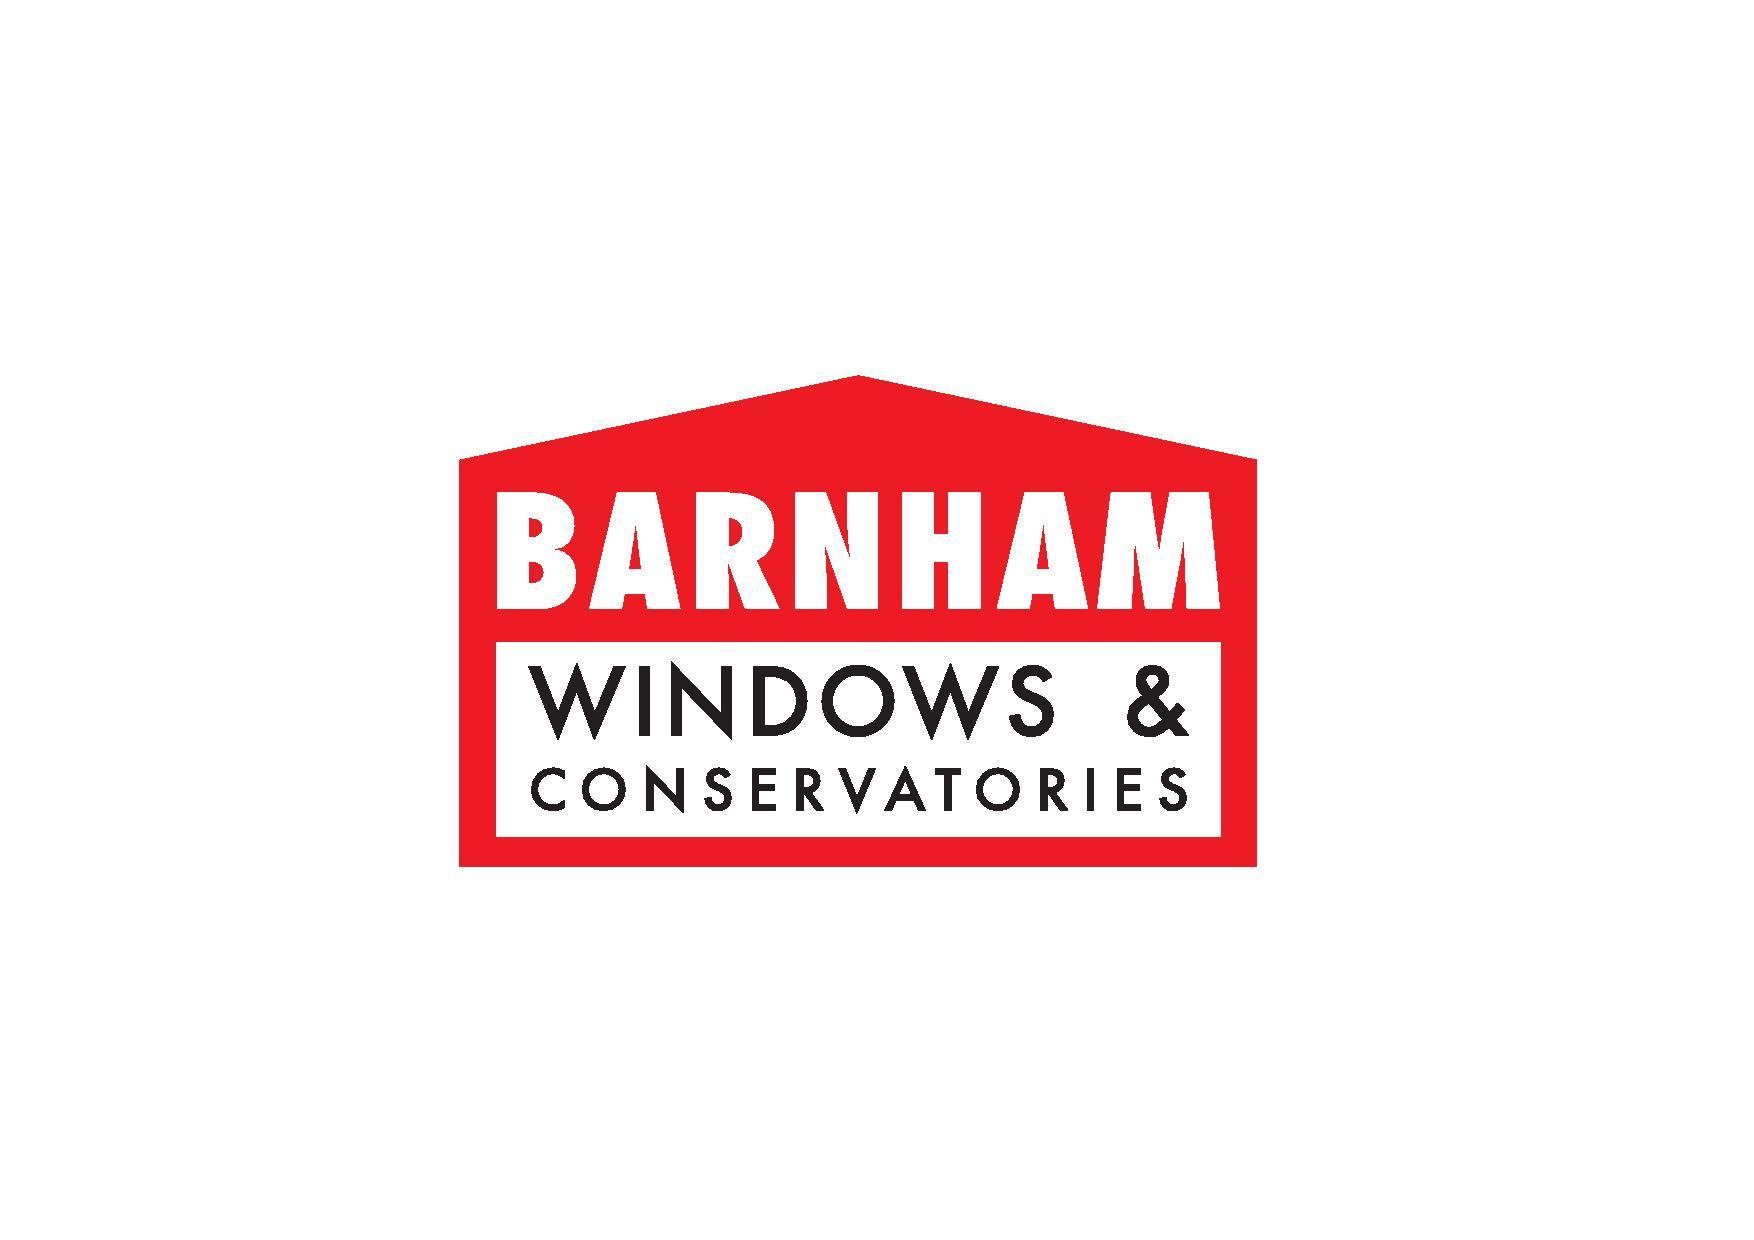 Barnham Windows & Conservatories